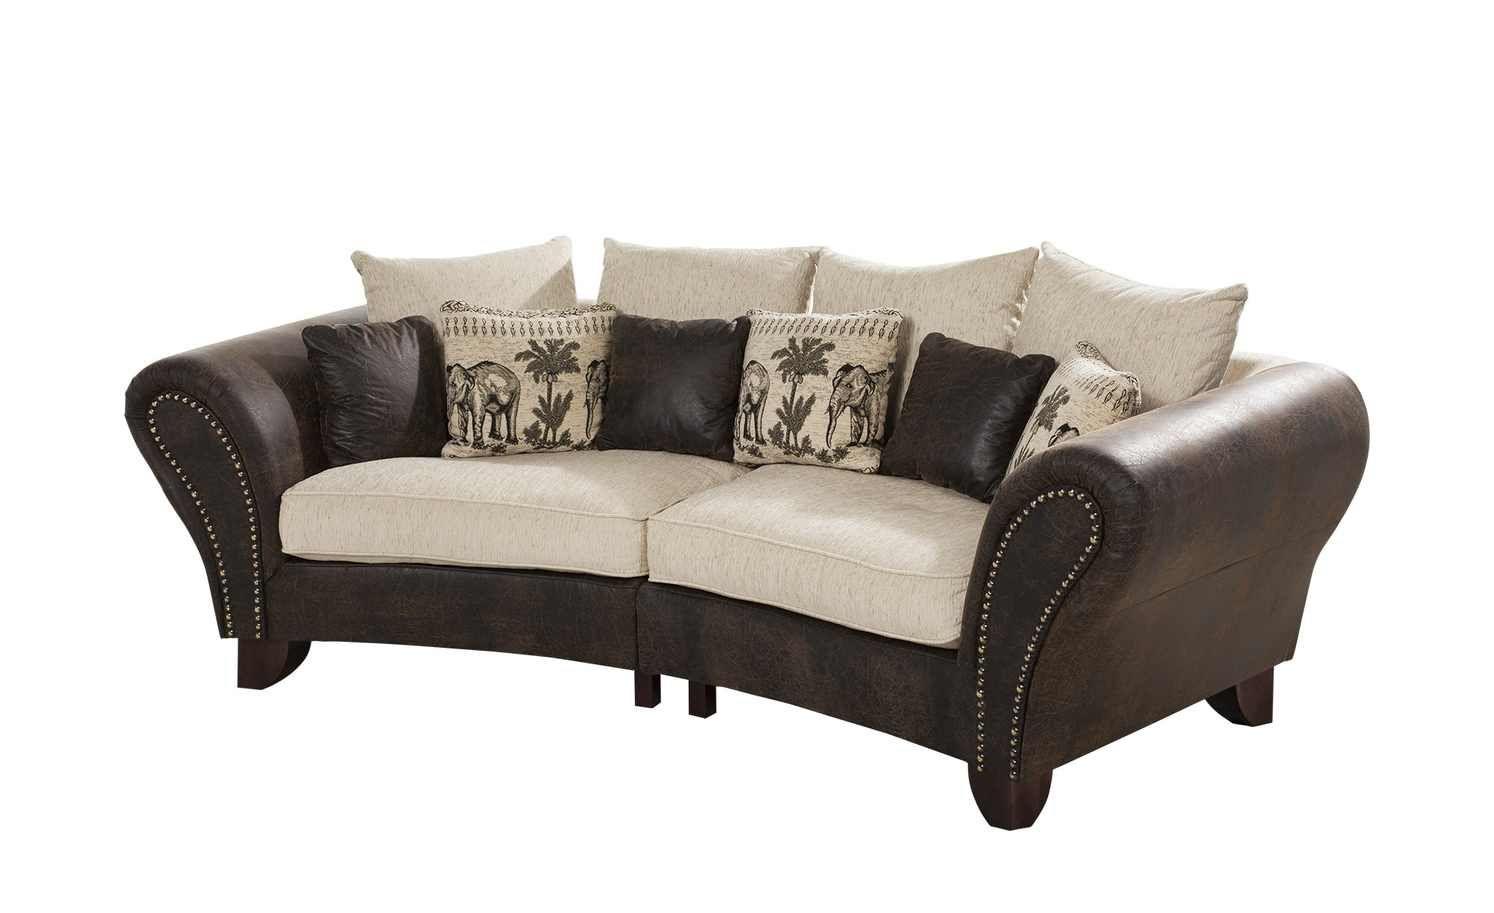 Pin Von Susanne M Auf Barsbuttel Sofa Kolonialstil Grosse Sofas Grosse Couch